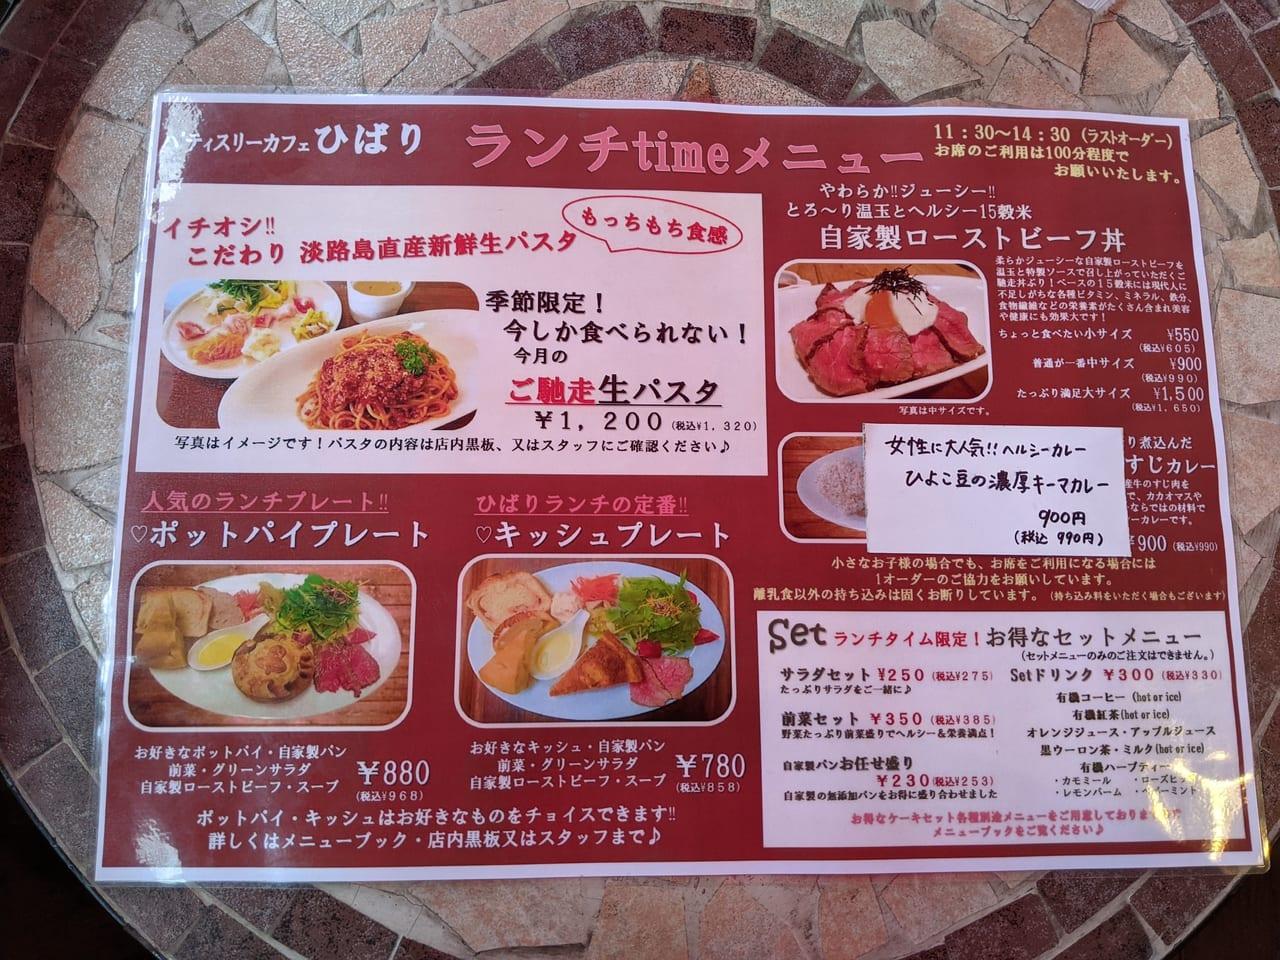 『パティスリーカフェひばり』ランチメニュー